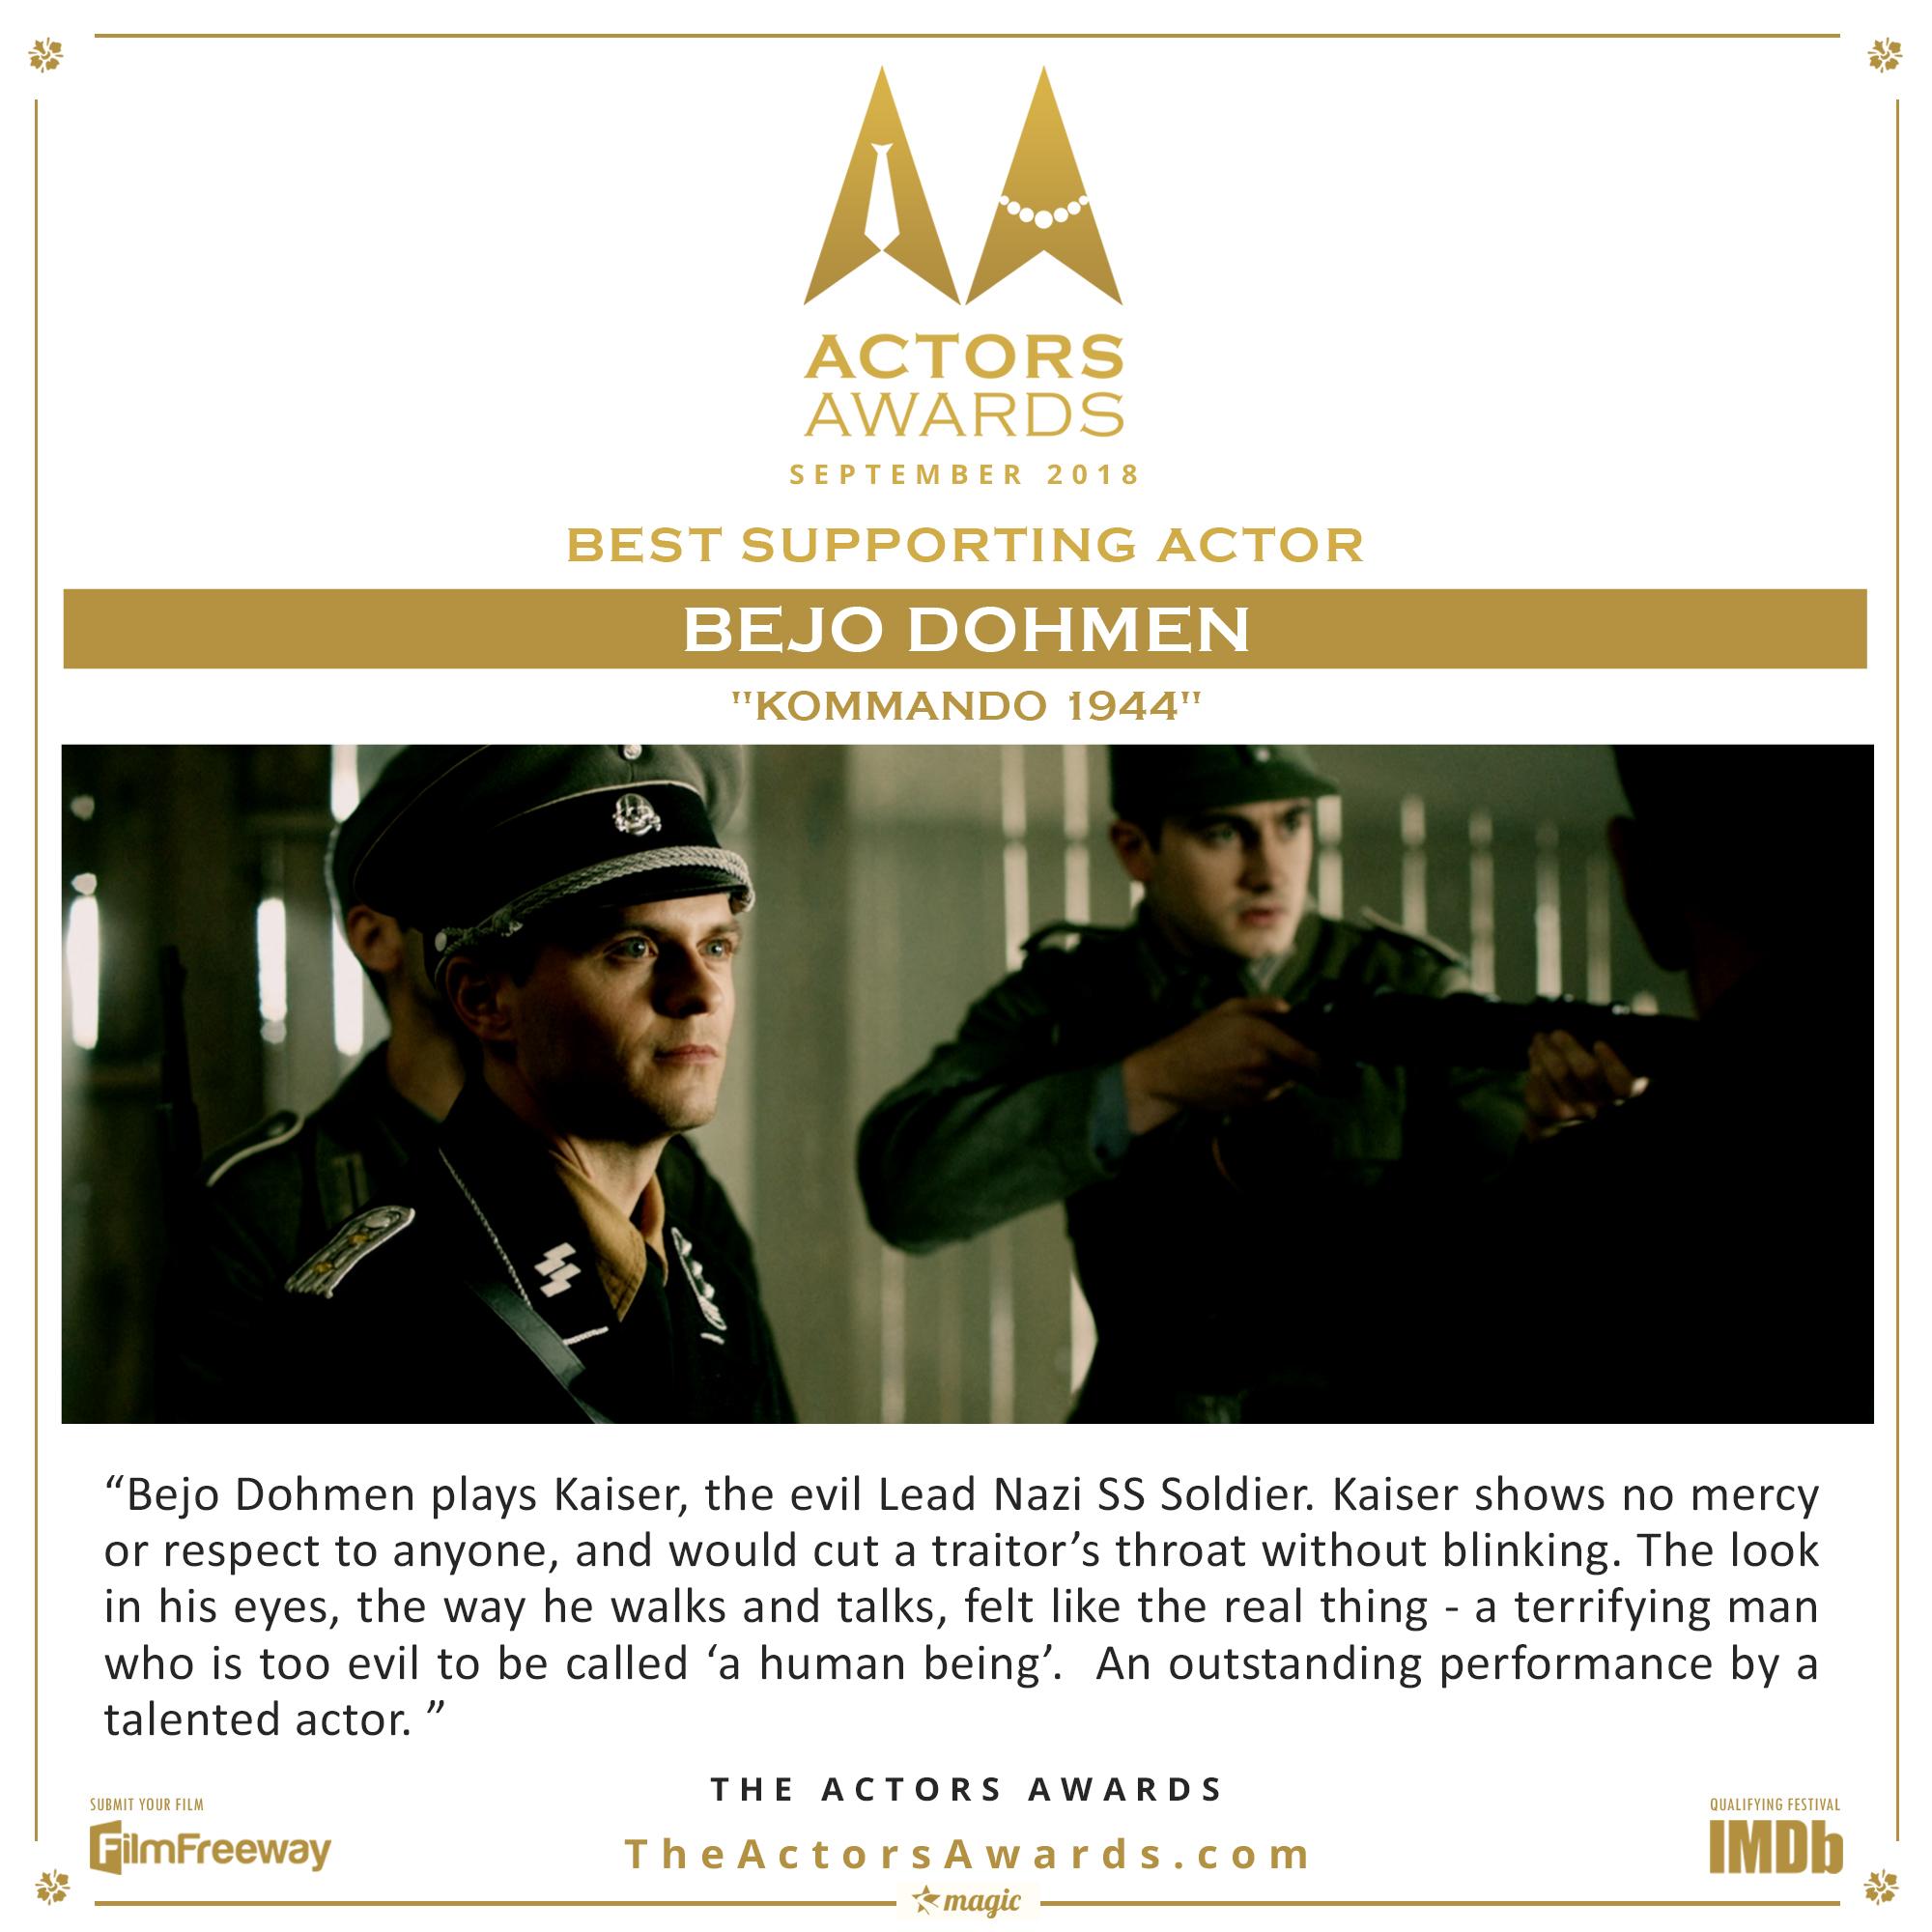 Kommando 1944 - Best Supporting Actor